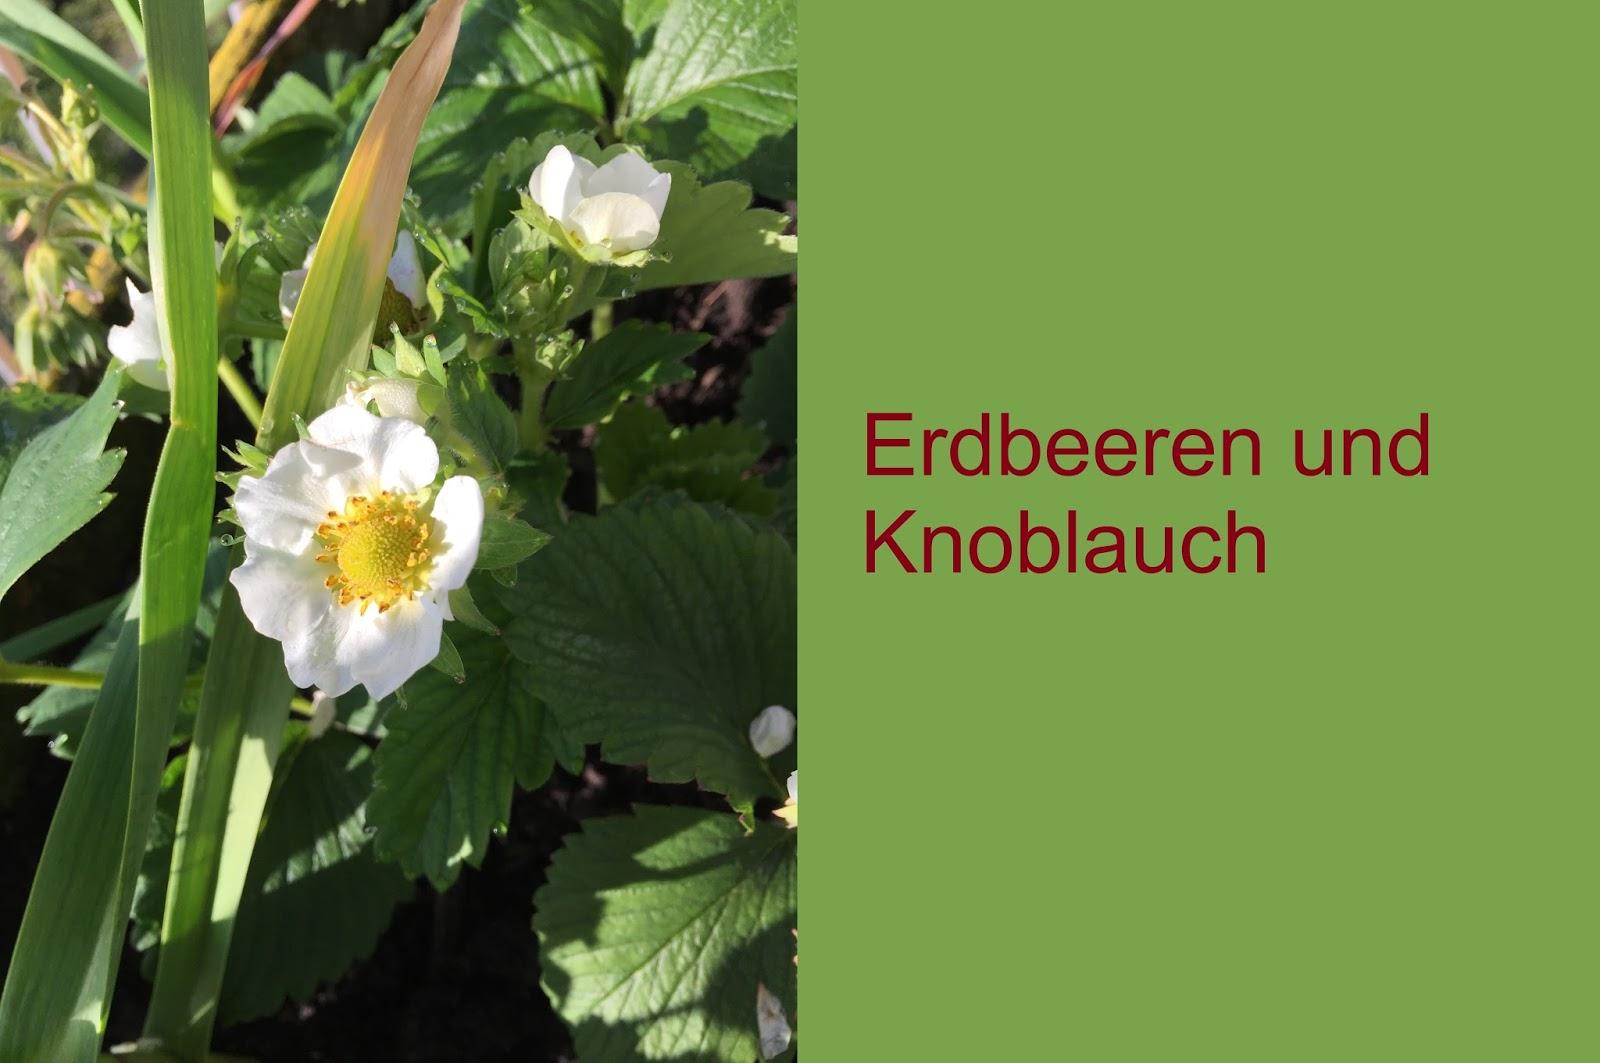 edgarten pflanzenfeinde und freunde mischkultur und fruchtfolge. Black Bedroom Furniture Sets. Home Design Ideas